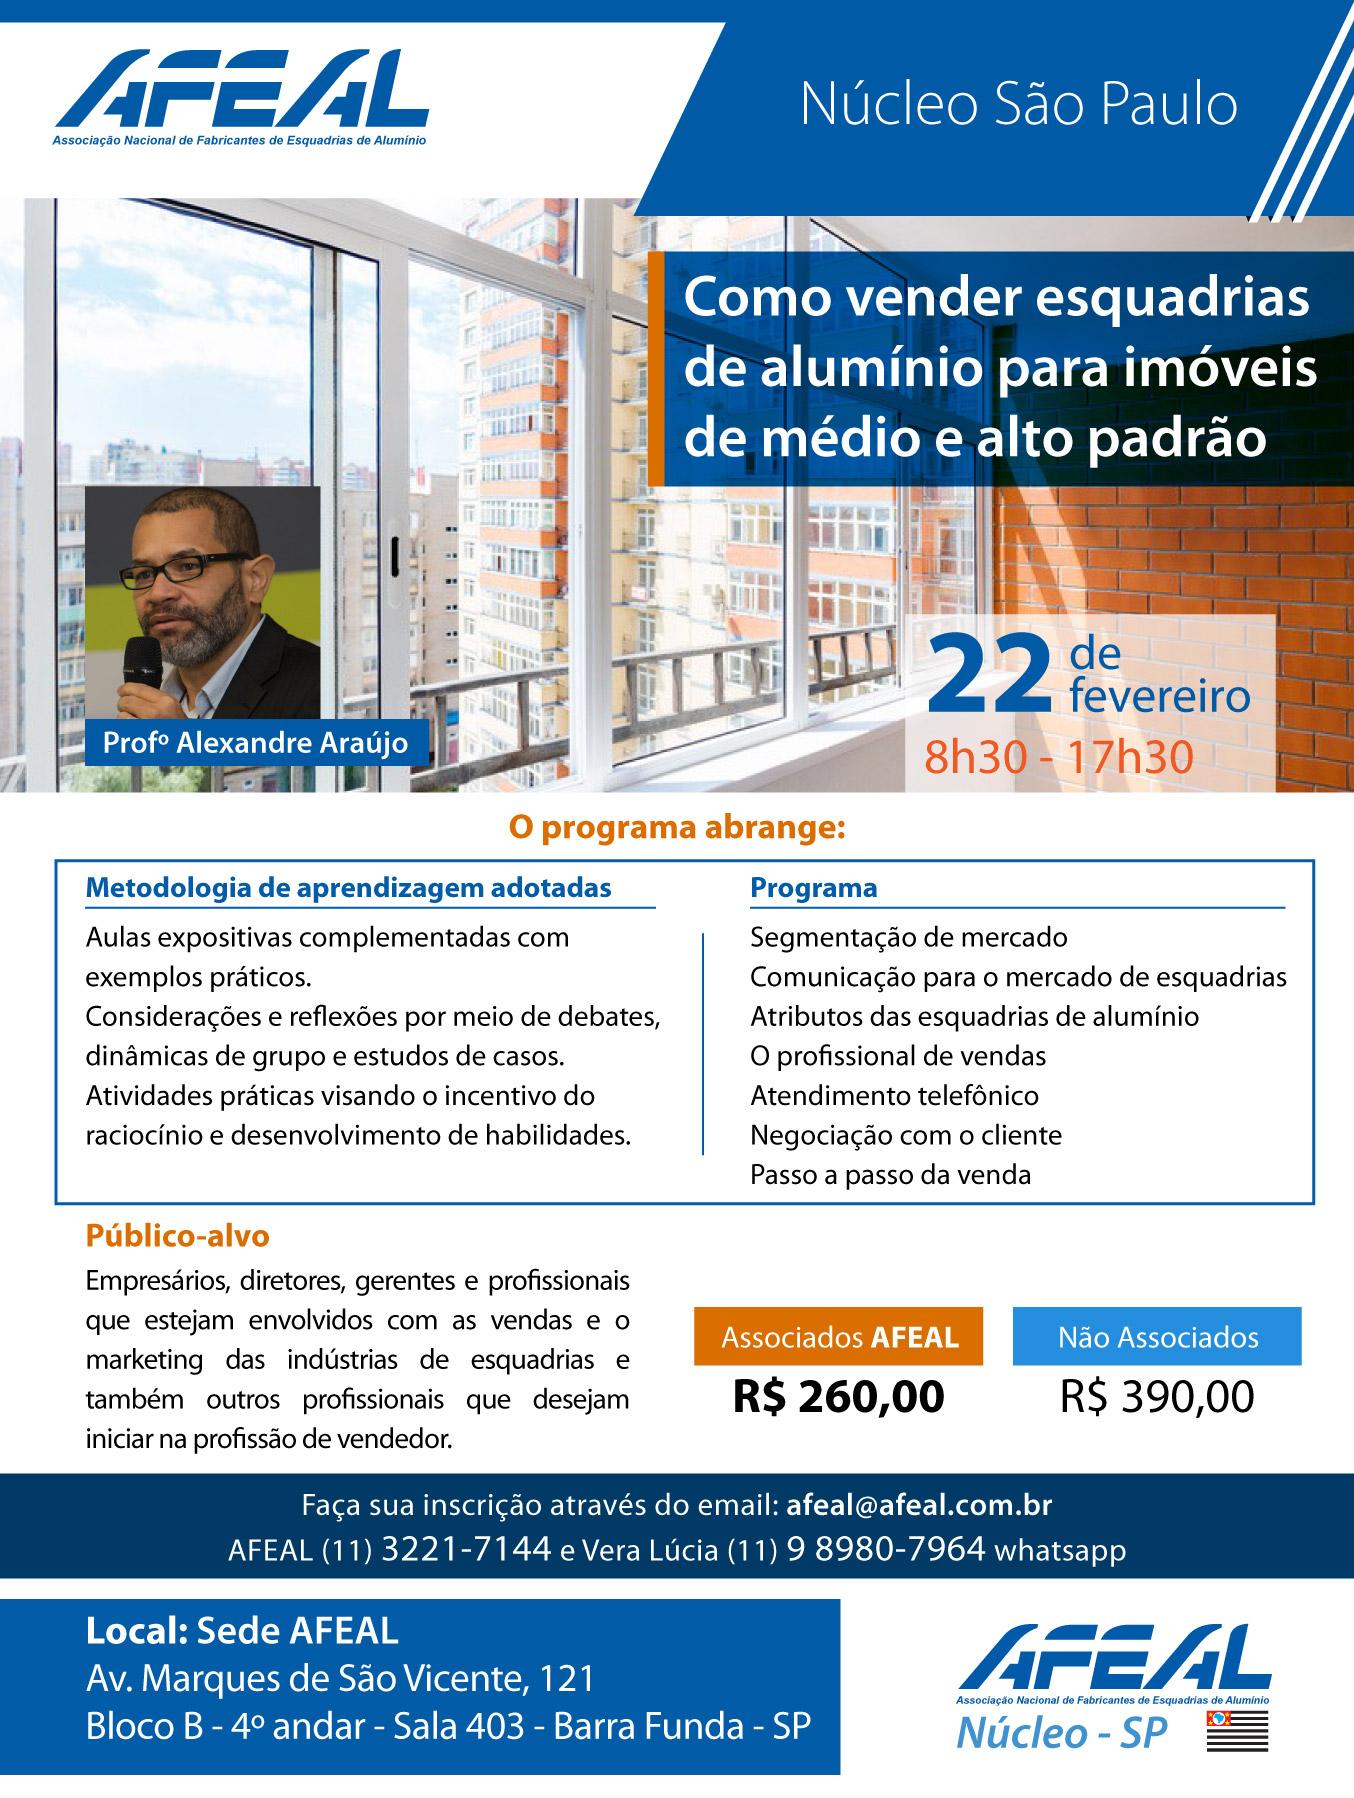 Curso de como vender esquadrias de aluminio para imóveis de médio e alto padrão com Alexandre Araújo